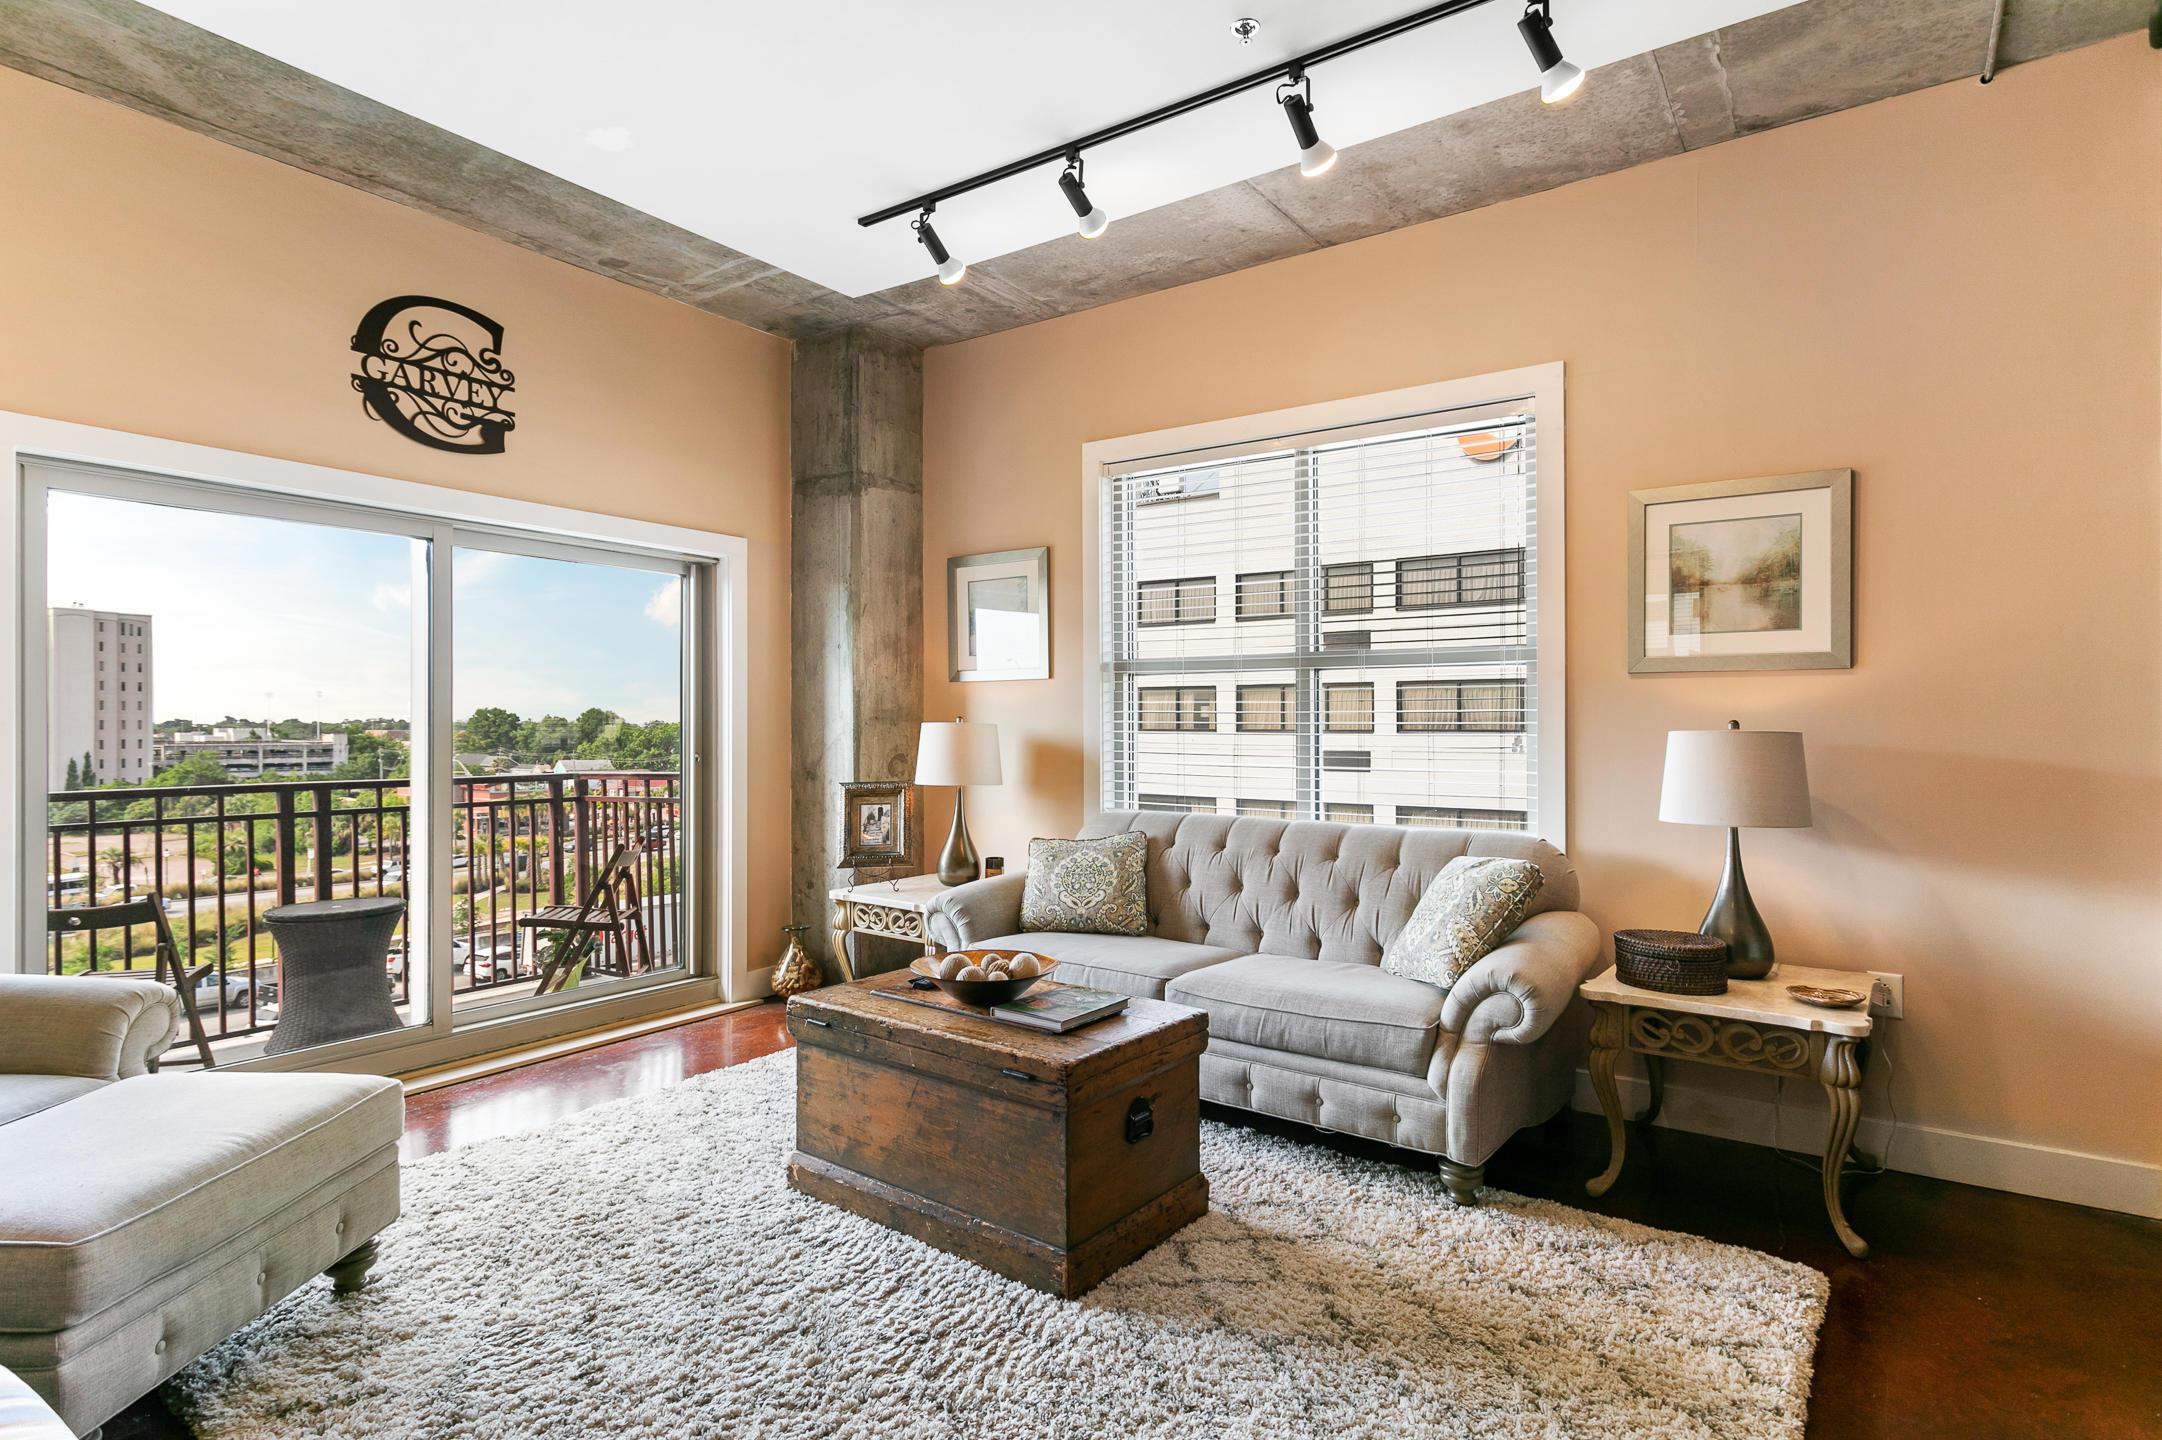 Ask Frank Real Estate Services - MLS Number: 21014149